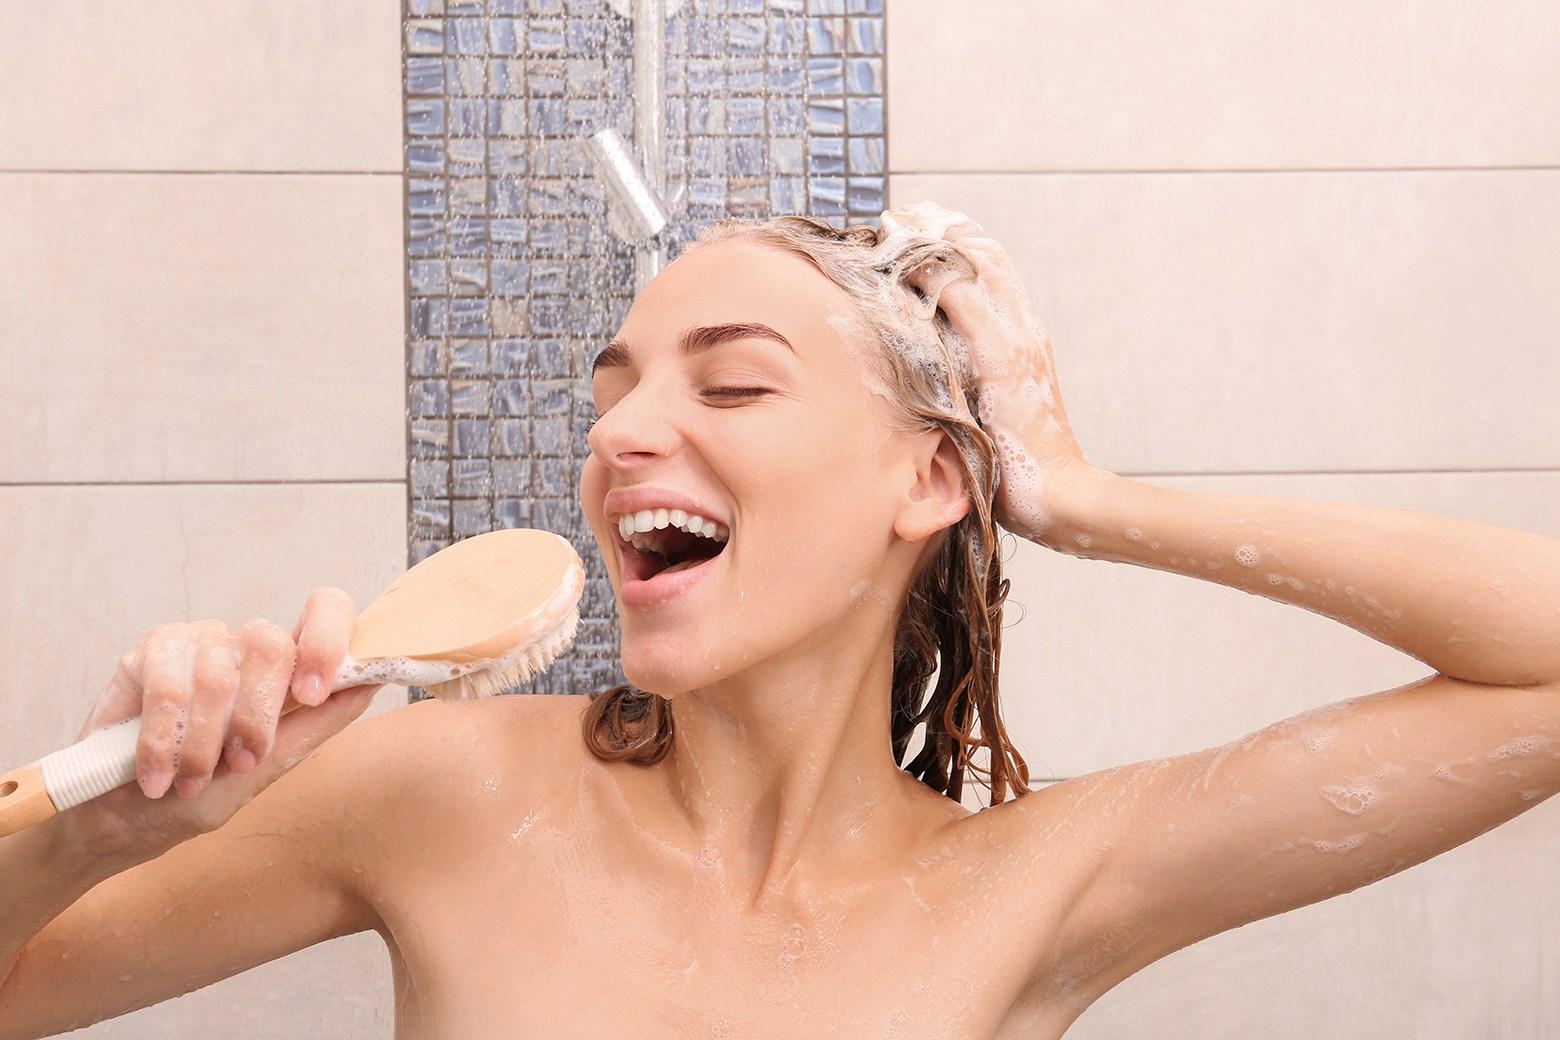 shower brushes